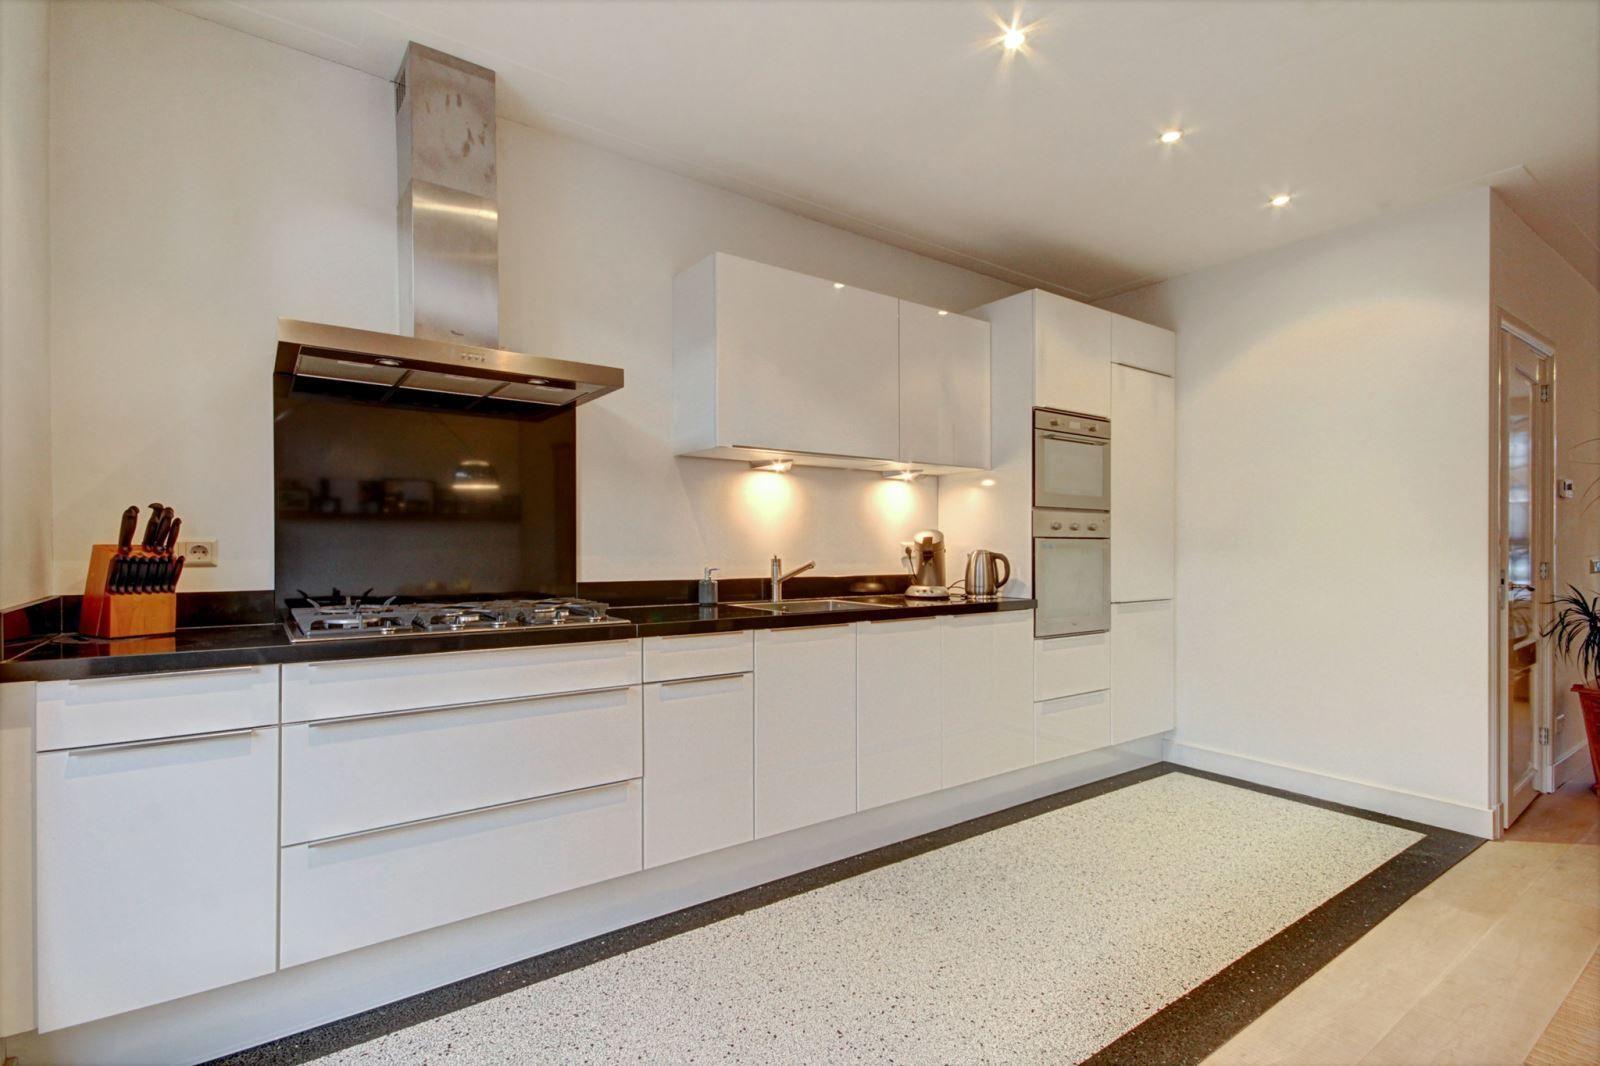 Strakke moderne keuken met terrazzo vloer in jaren 30 woning in haarlem - Kleur verf moderne keuken ...